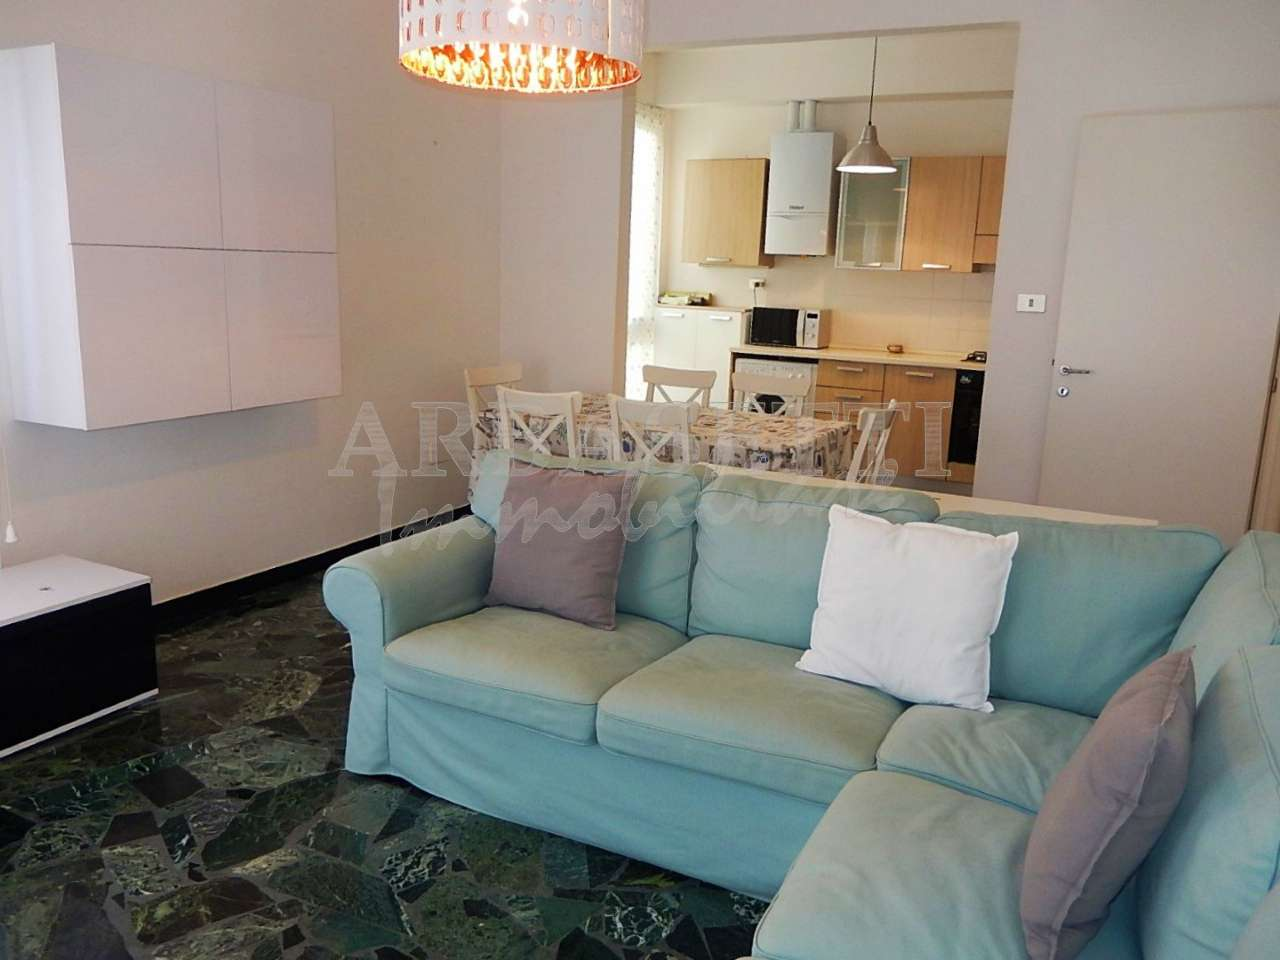 Appartamento in affitto a Sestri Levante, 7 locali, prezzo € 1.000 | CambioCasa.it